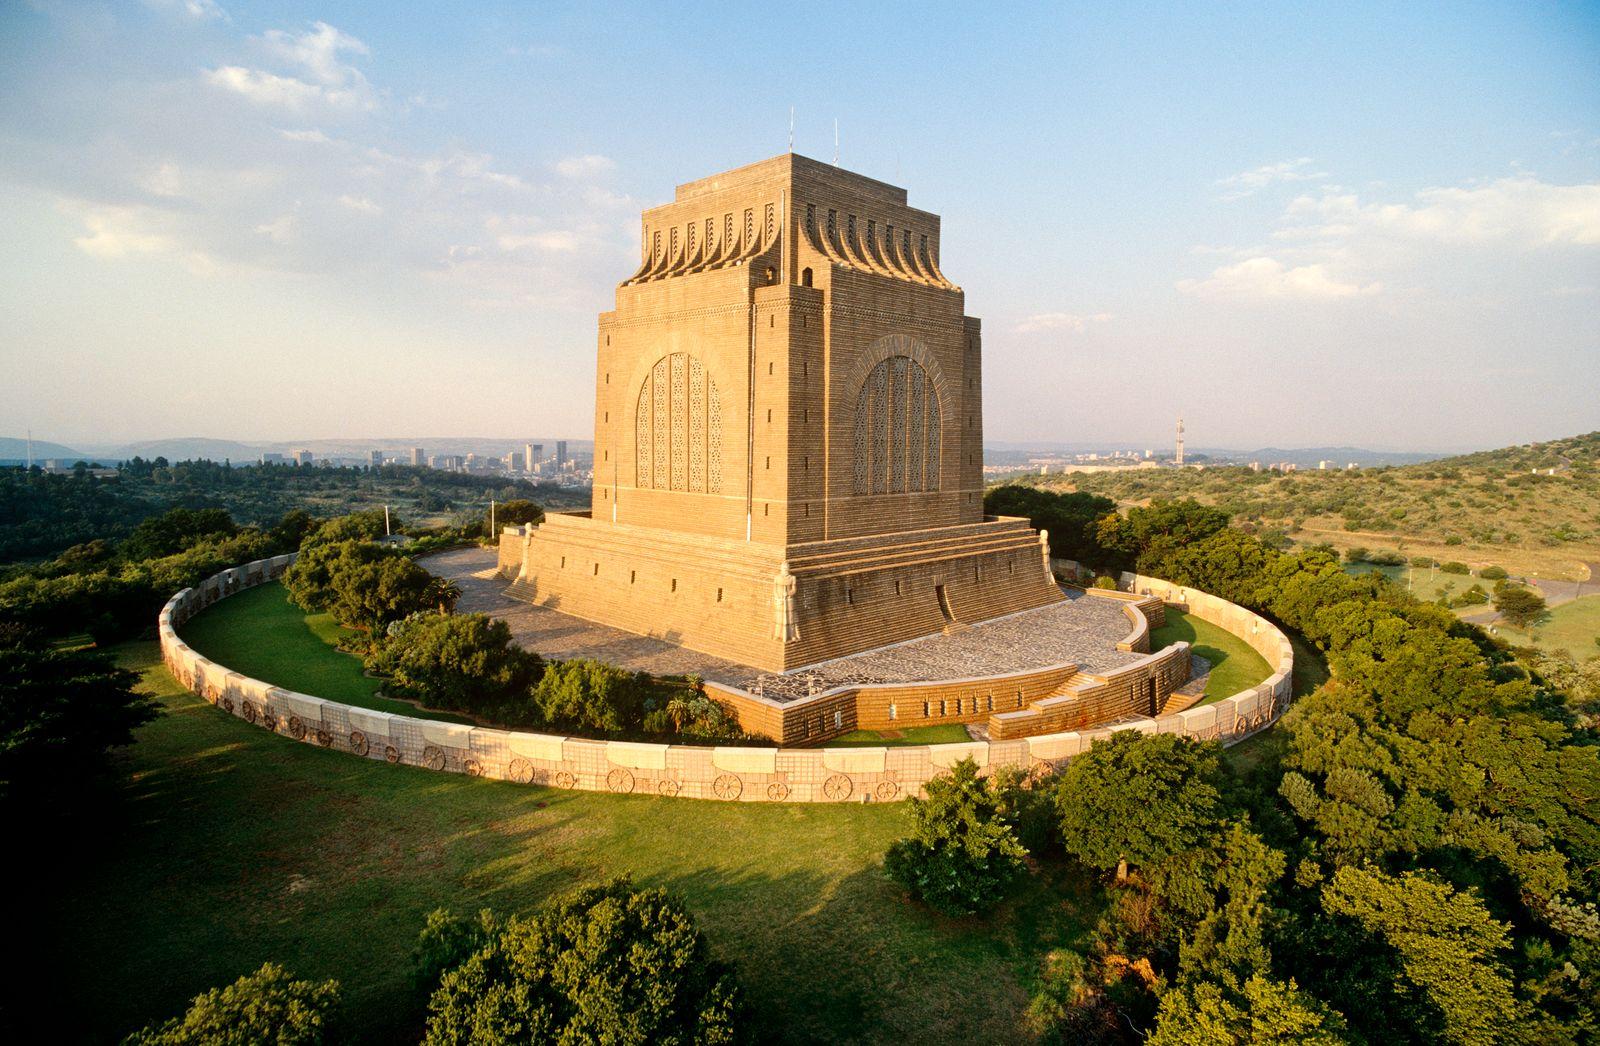 Voortrekker Monument, Pretoria, Gauteng